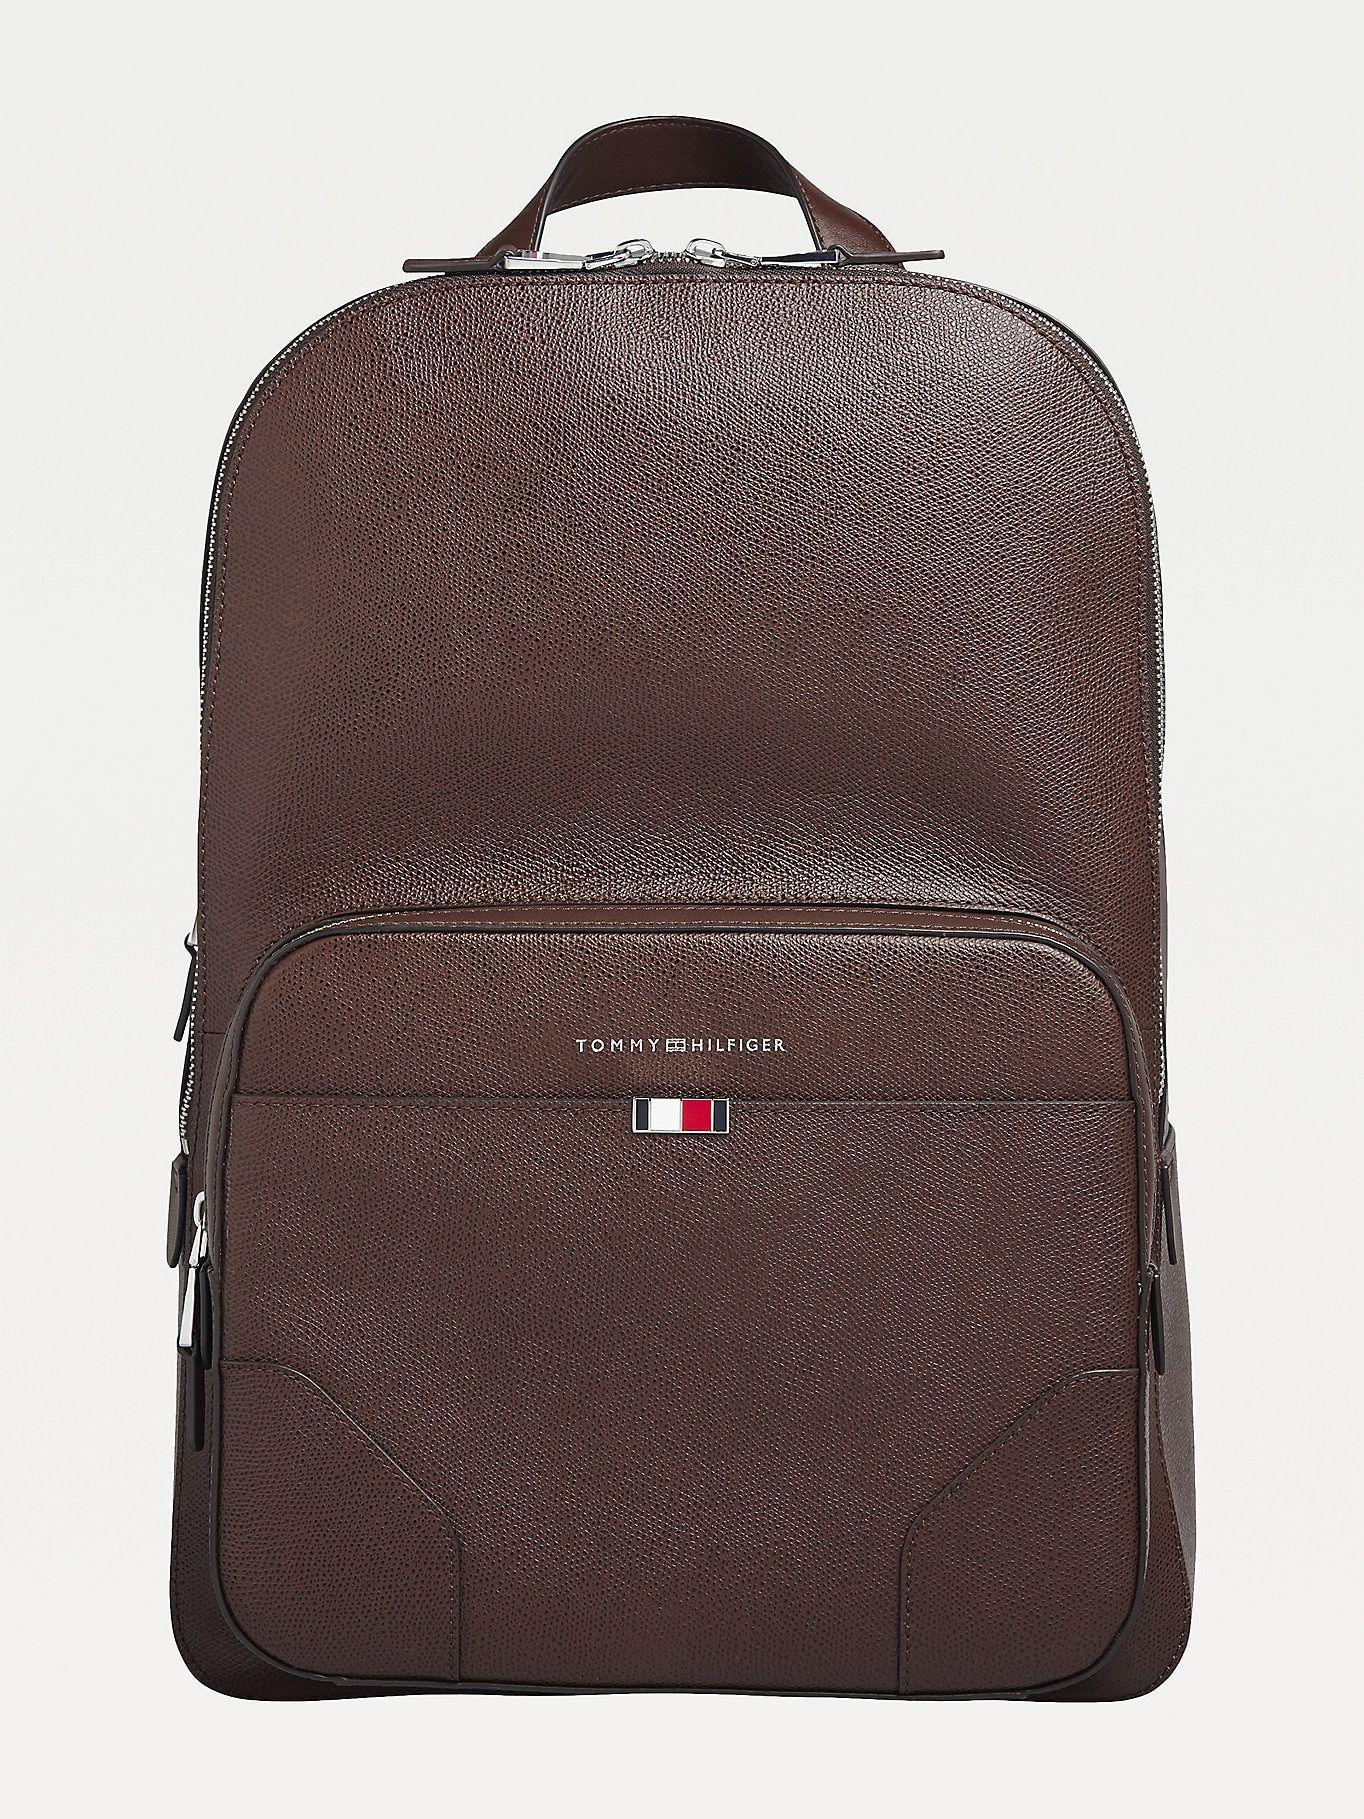 Tommy Hilfiger business leather backpack £127 Tommy Hilfiger Shop